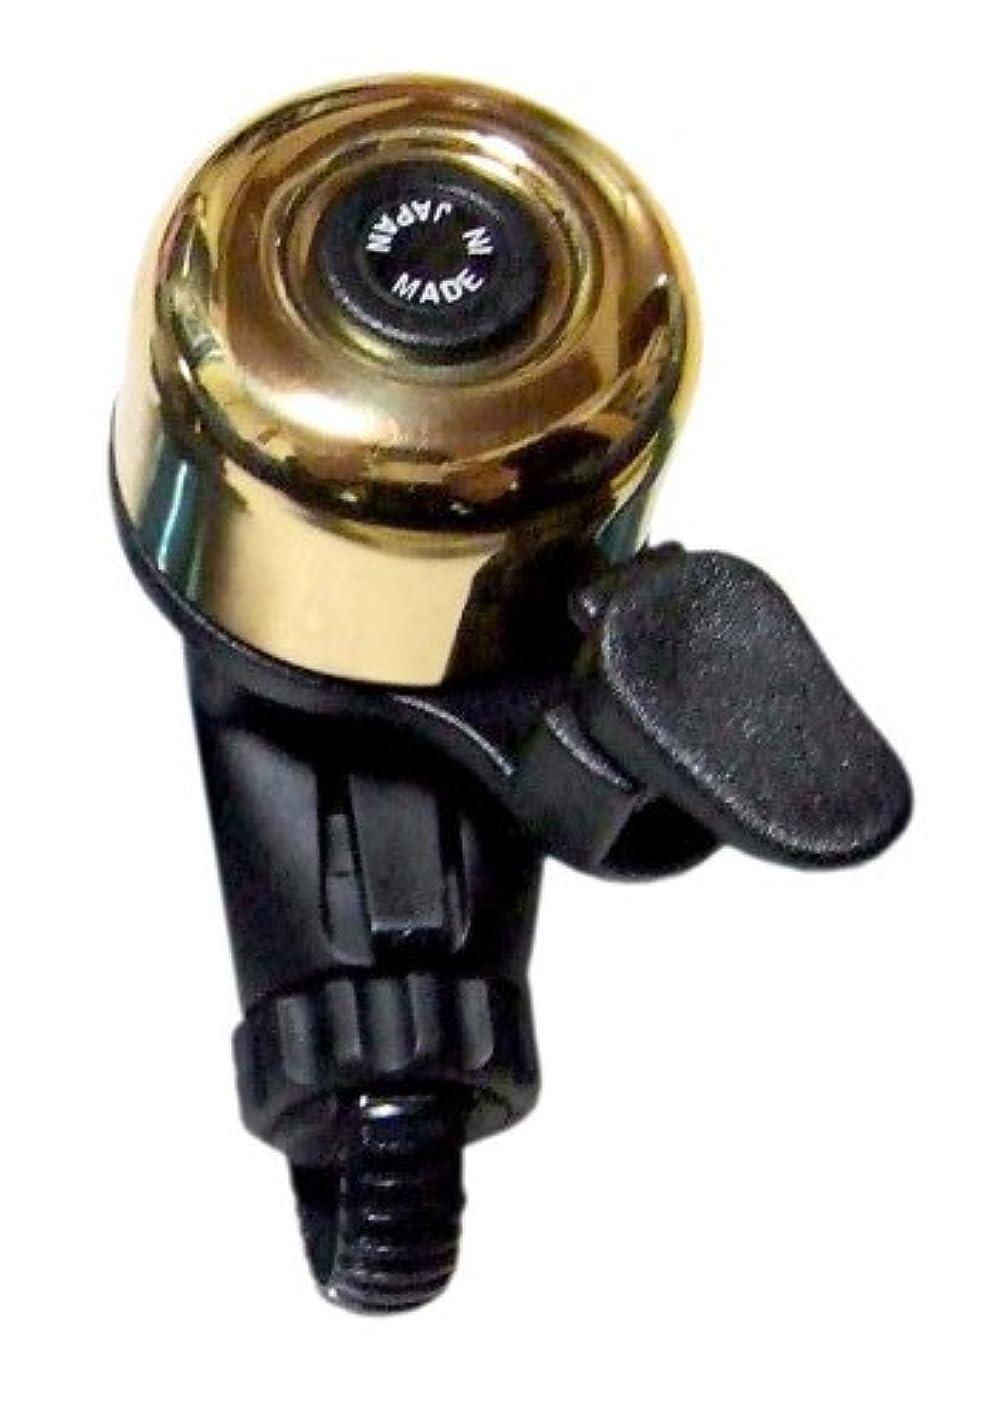 件名コンピューターを使用するタックル扇工業 SOUND RUNNER フリーバンドベル OH-1100 真鍮 ゴールド/ブラック